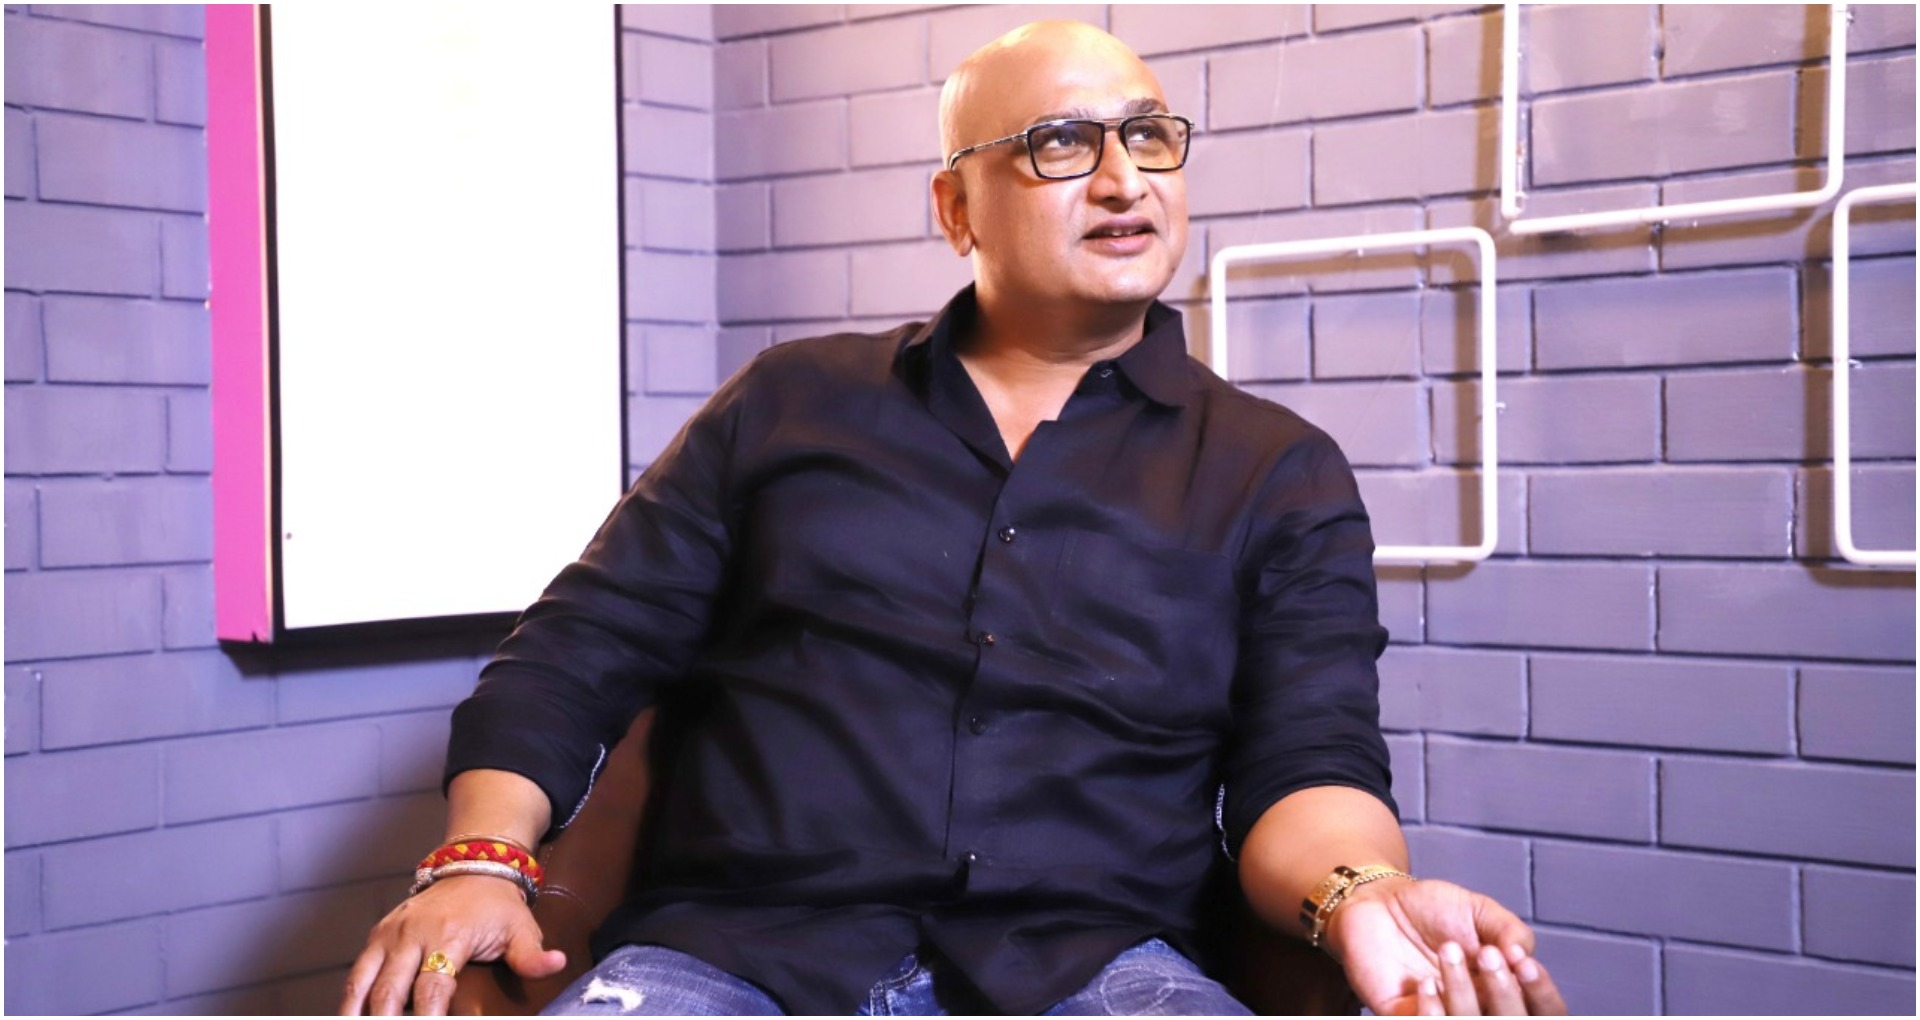 एक्सक्लूसिव इंटरव्यू: भोजपुरी फिल्मों के खलनायक अवधेश मिश्रा की कहानी, भैंस पर बैठकर बोला करते थे डायलॉग